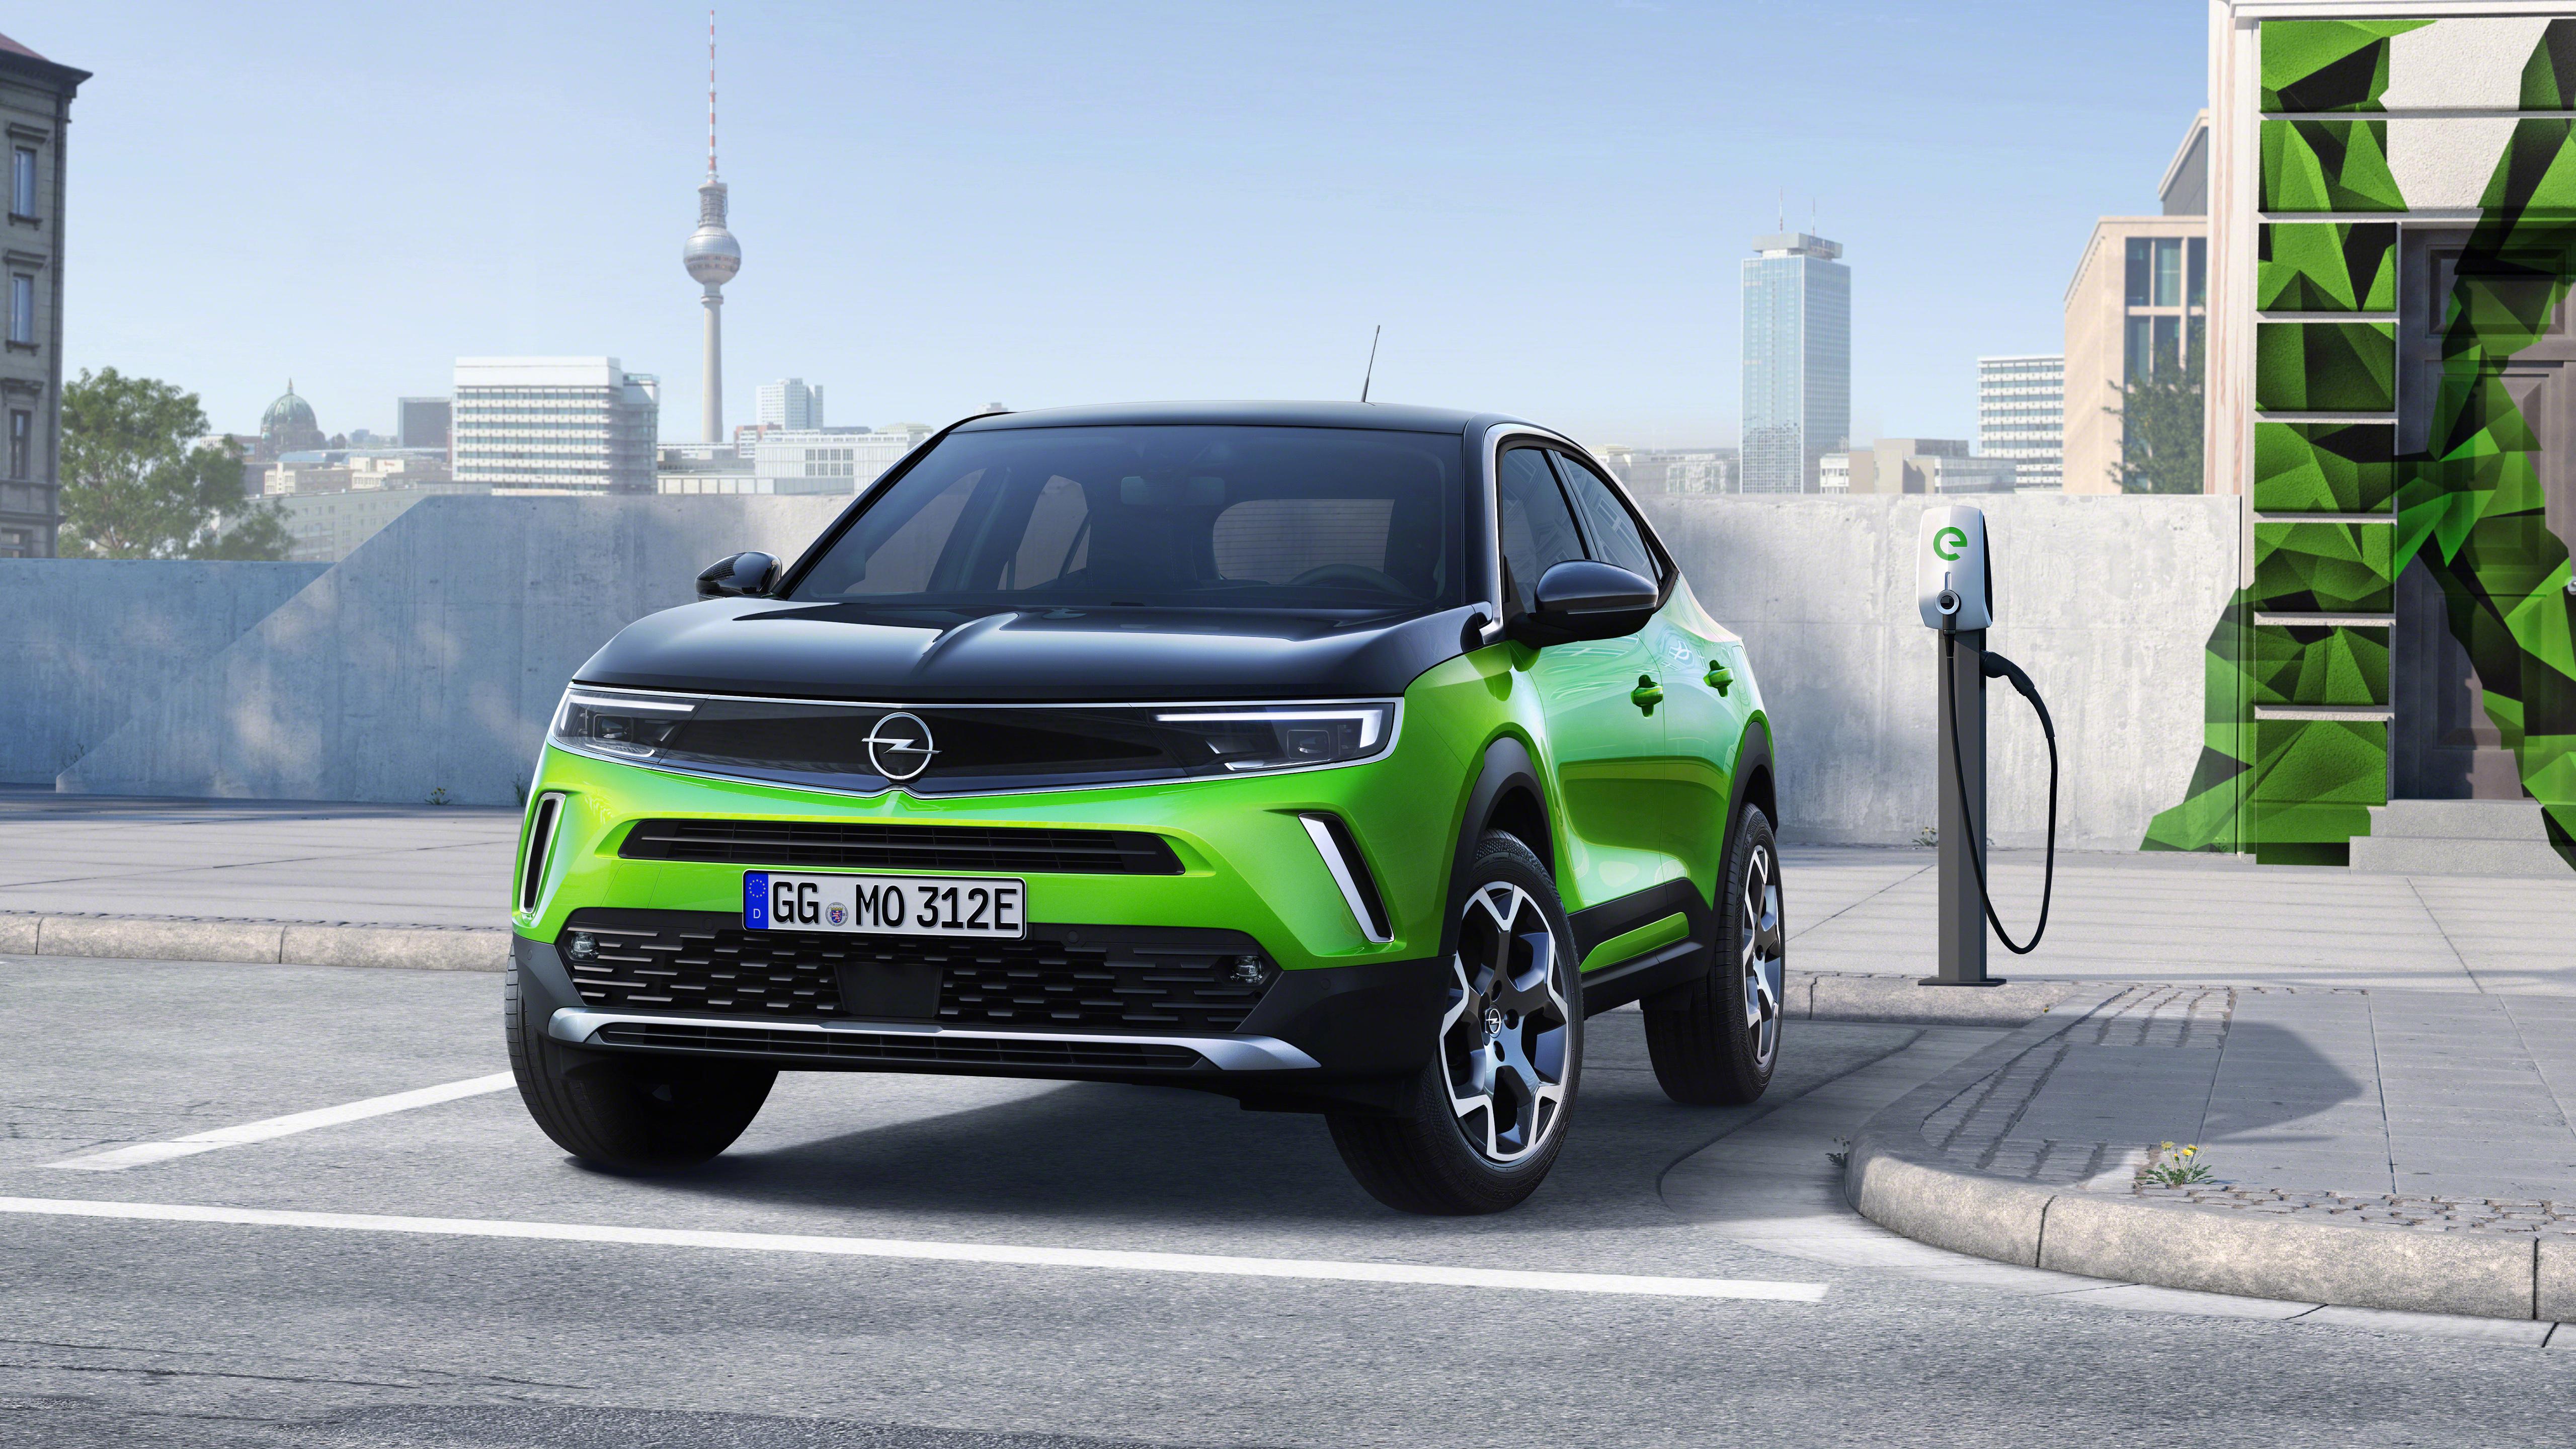 Opel Mokka E 2020 5k Wallpaper Hd Car Wallpapers Id 15034